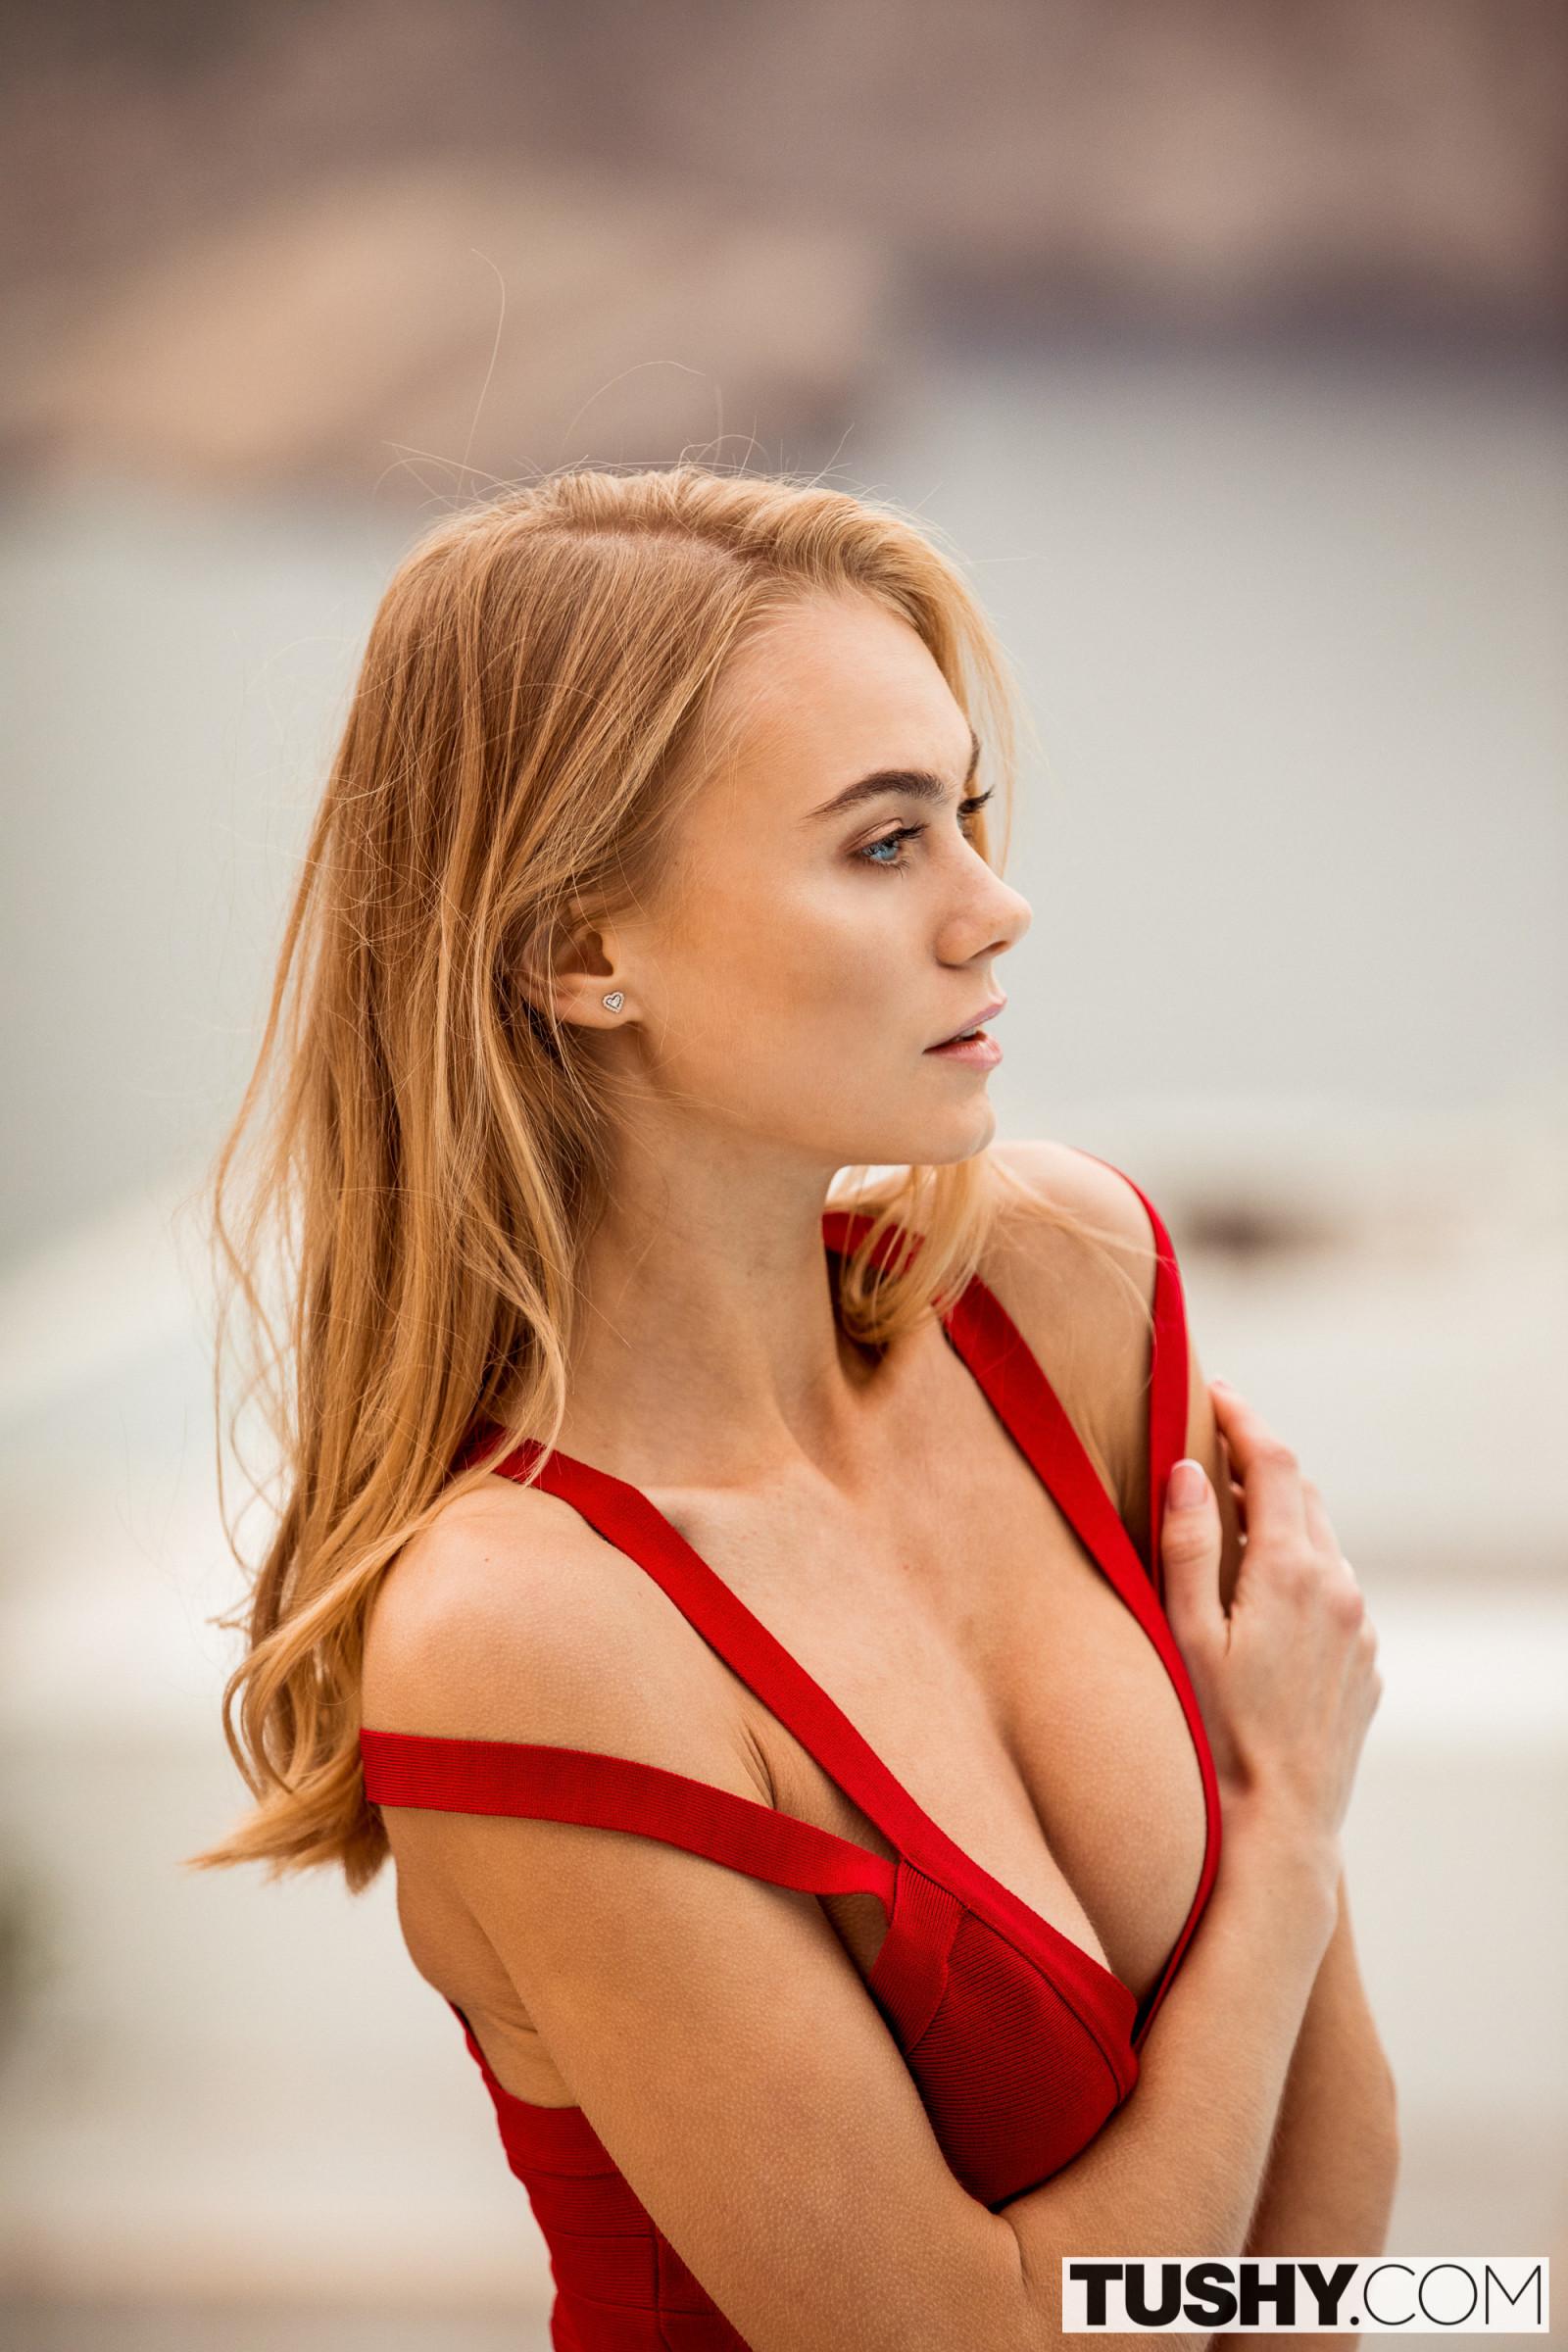 Wallpaper : model, women, Nancy A, pornstar, Tushy com